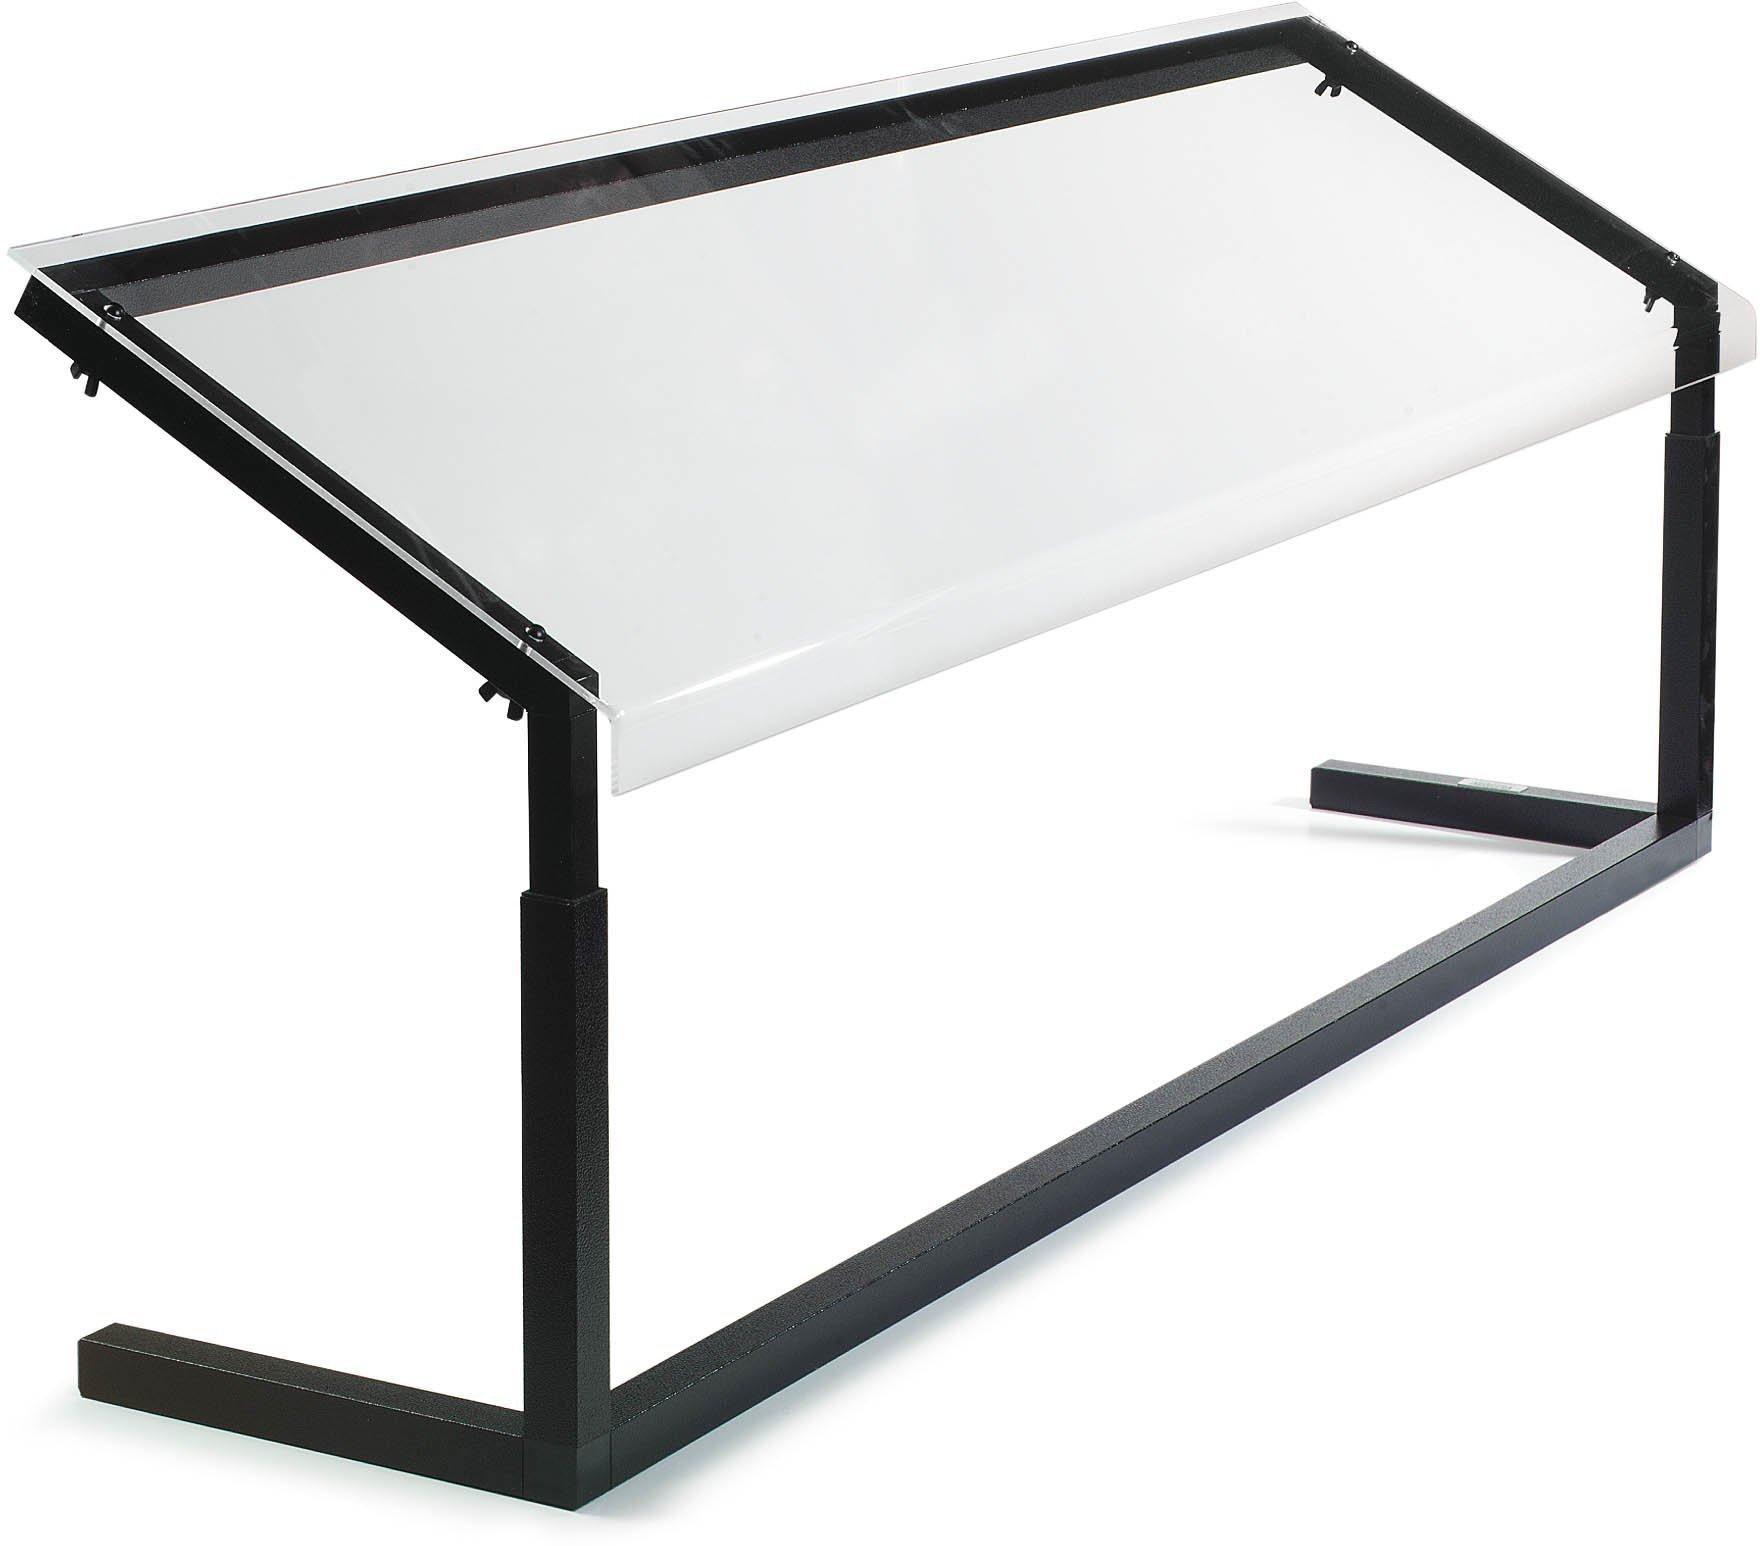 Carlisle 926003 Acrylic Adjustable Single-Sided Sneeze Guard with Aluminum Frame, 60-1/4 x 12.44'', Black